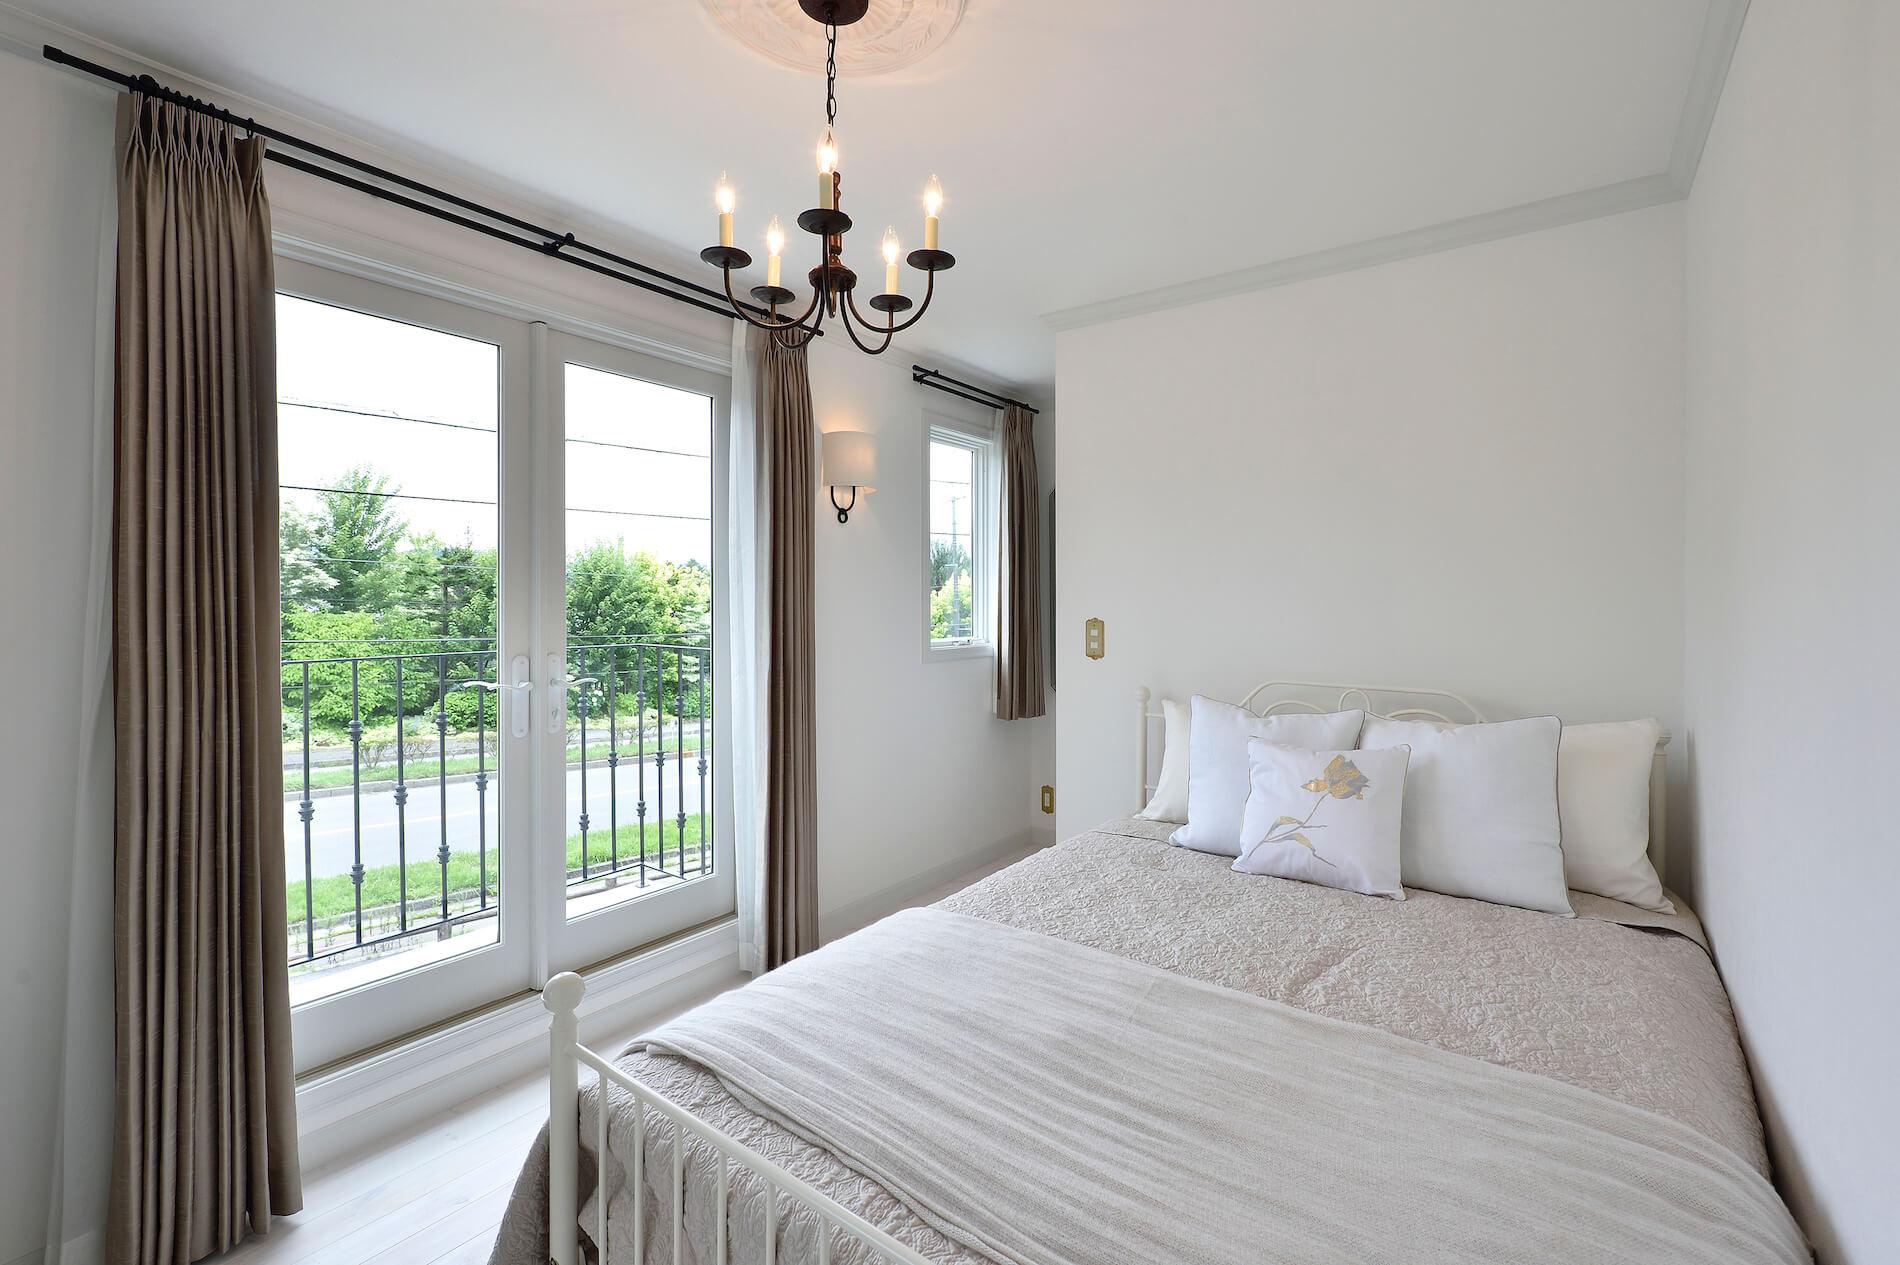 パリアパルトマン 輸入住宅の寝室